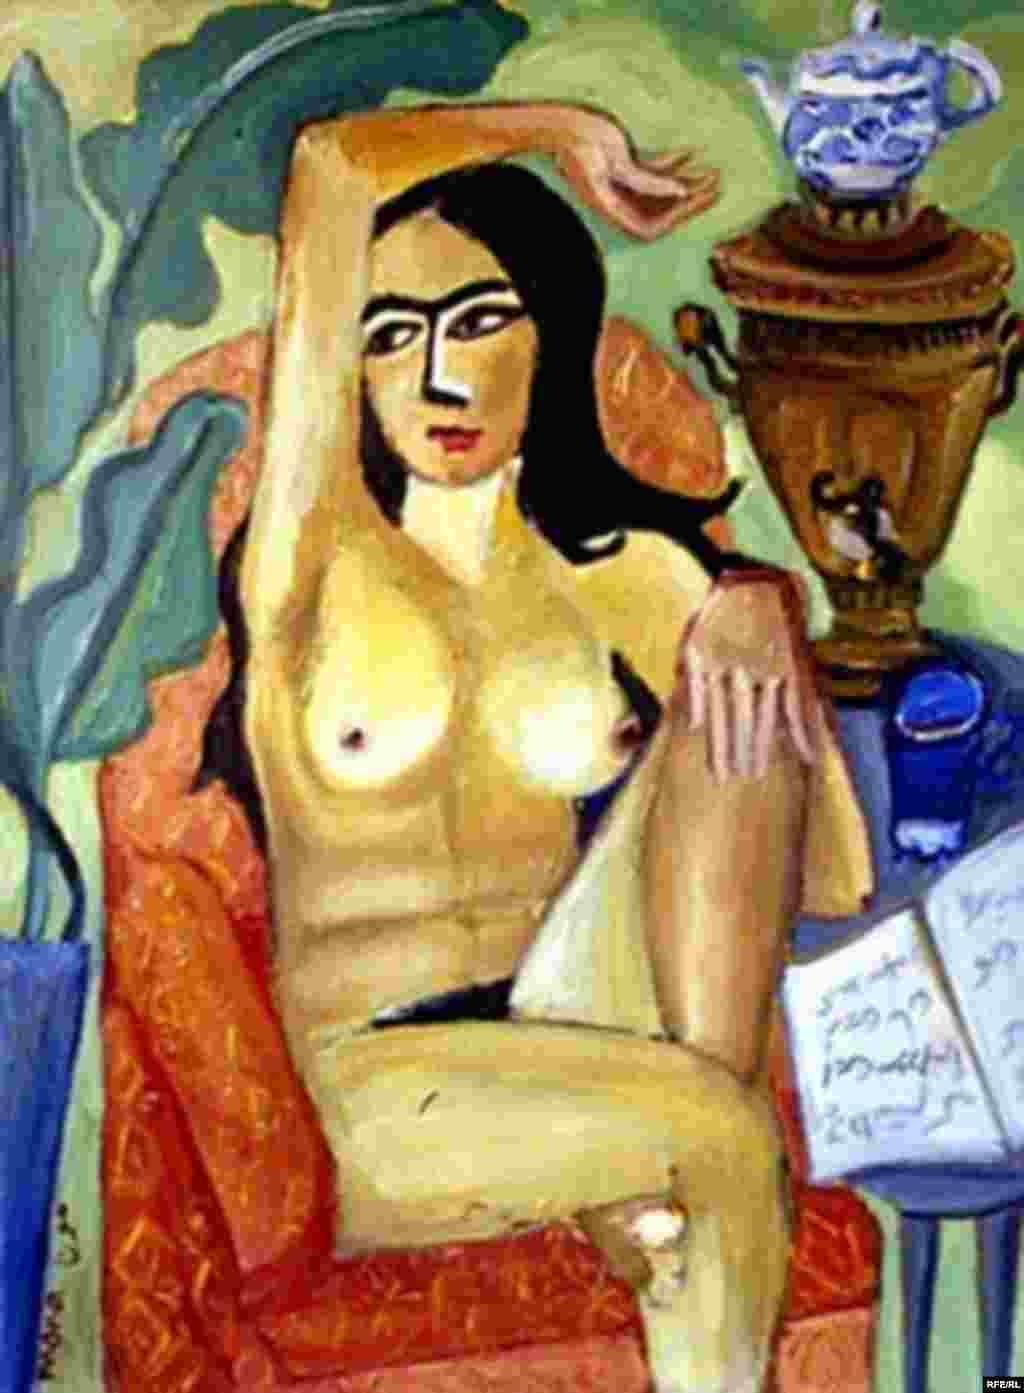 Iranian-American Artist Mona Shomali #11